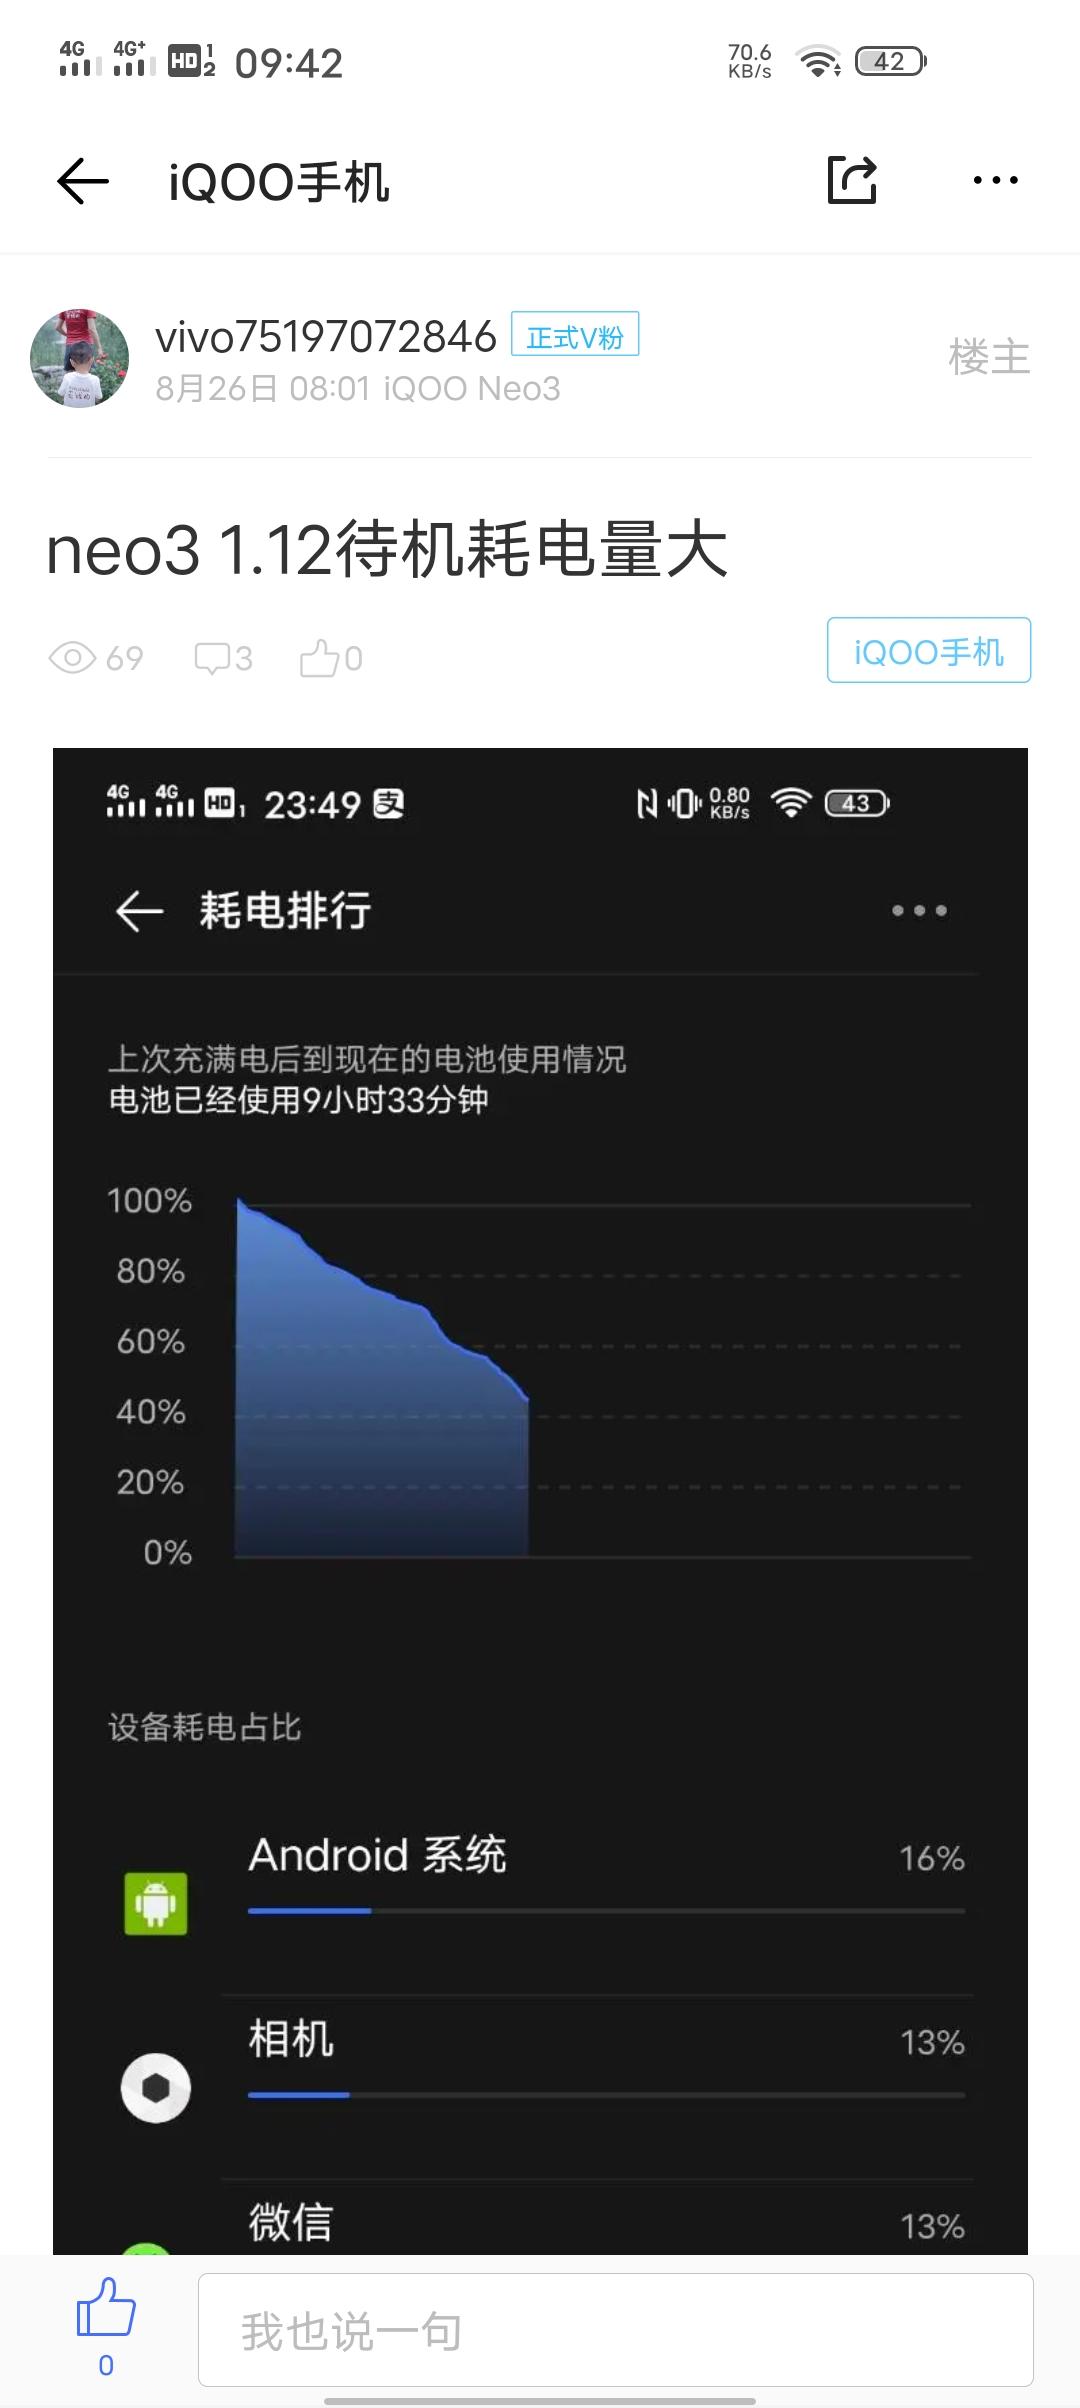 Screenshot_20200829_094207.jpg